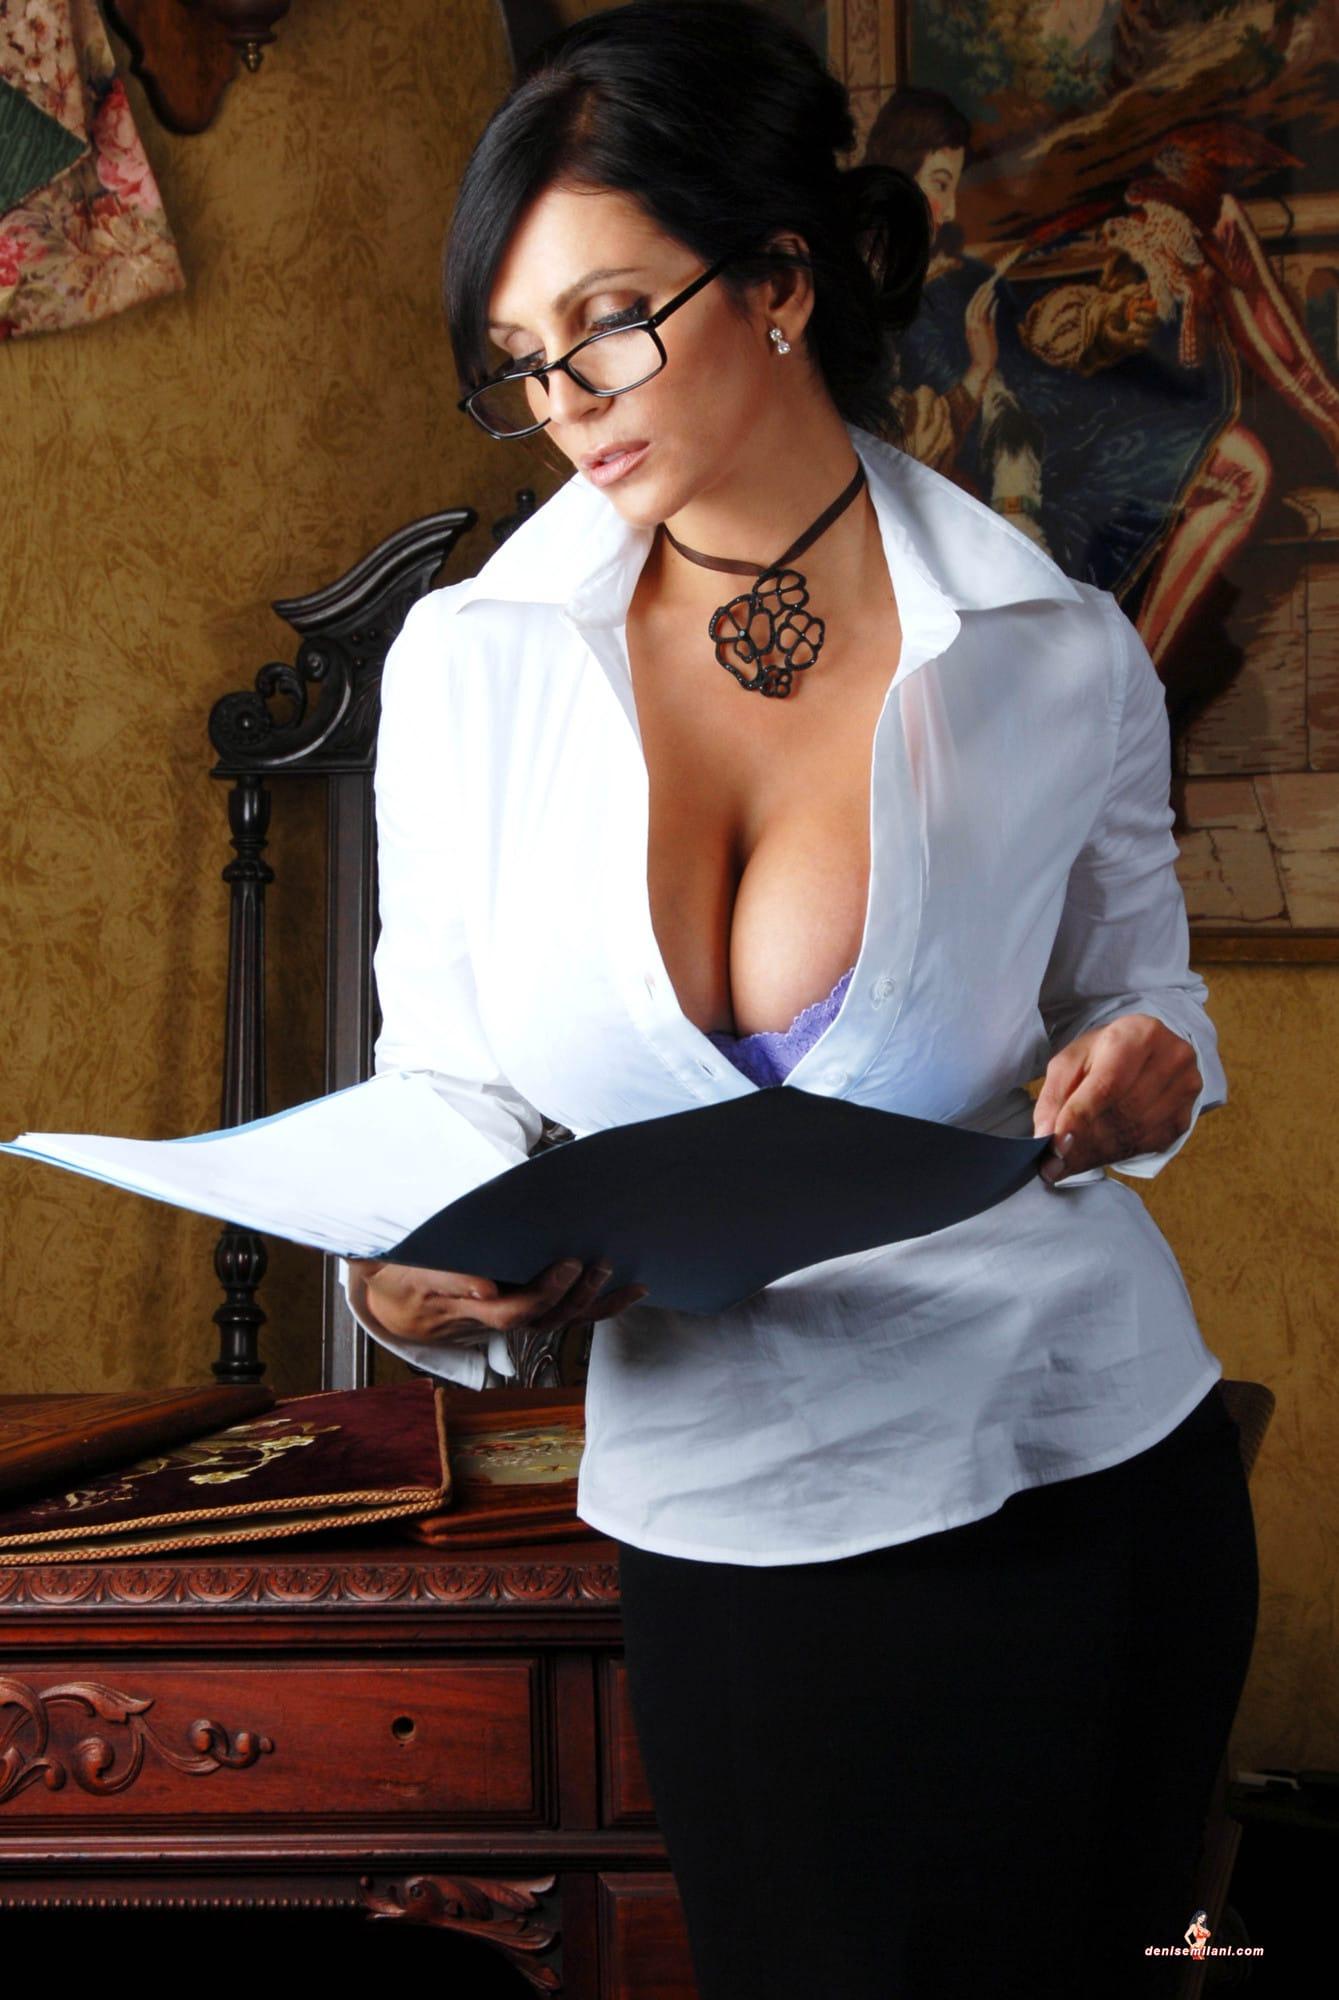 Gallery denise milani Denise Milani